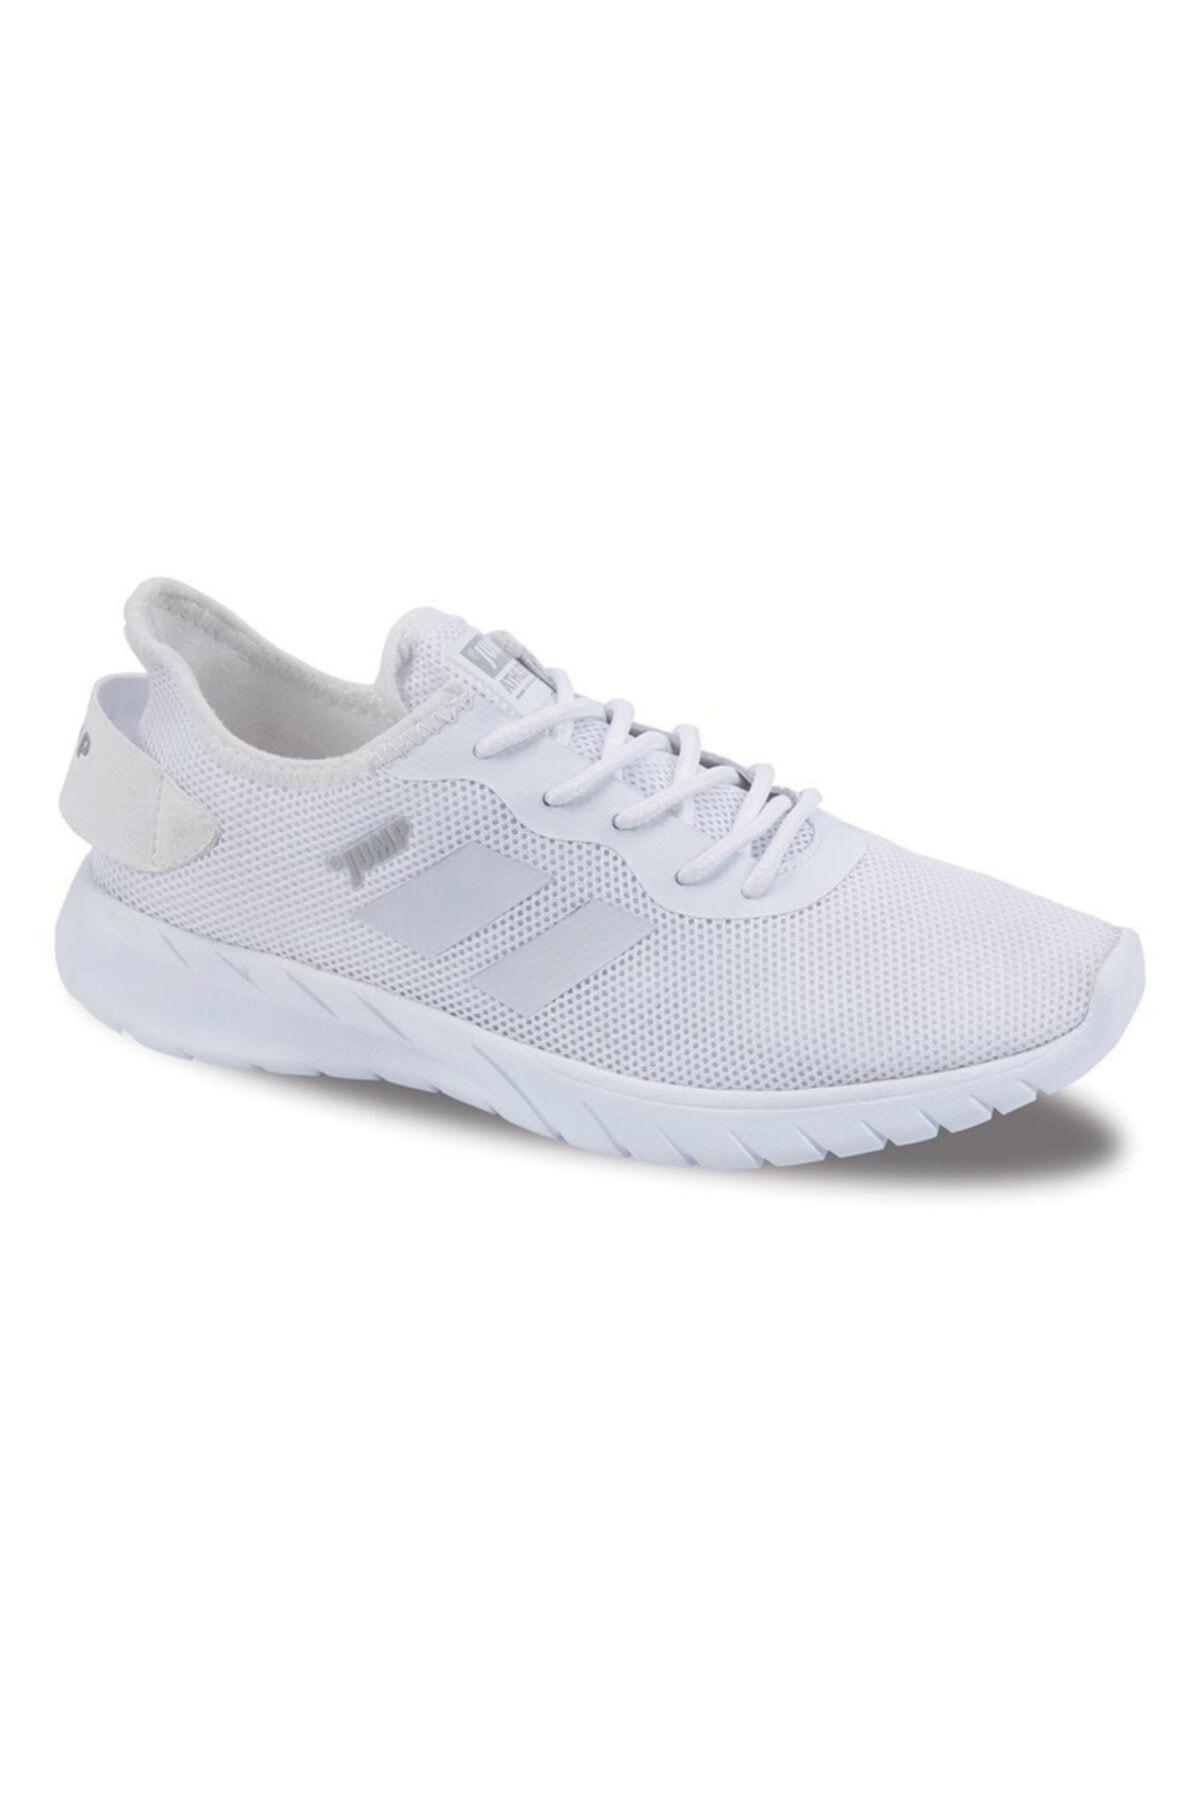 Jump Unisex Beyaz Casual Confort Günlük Spor Ayakkabısı 24853 1